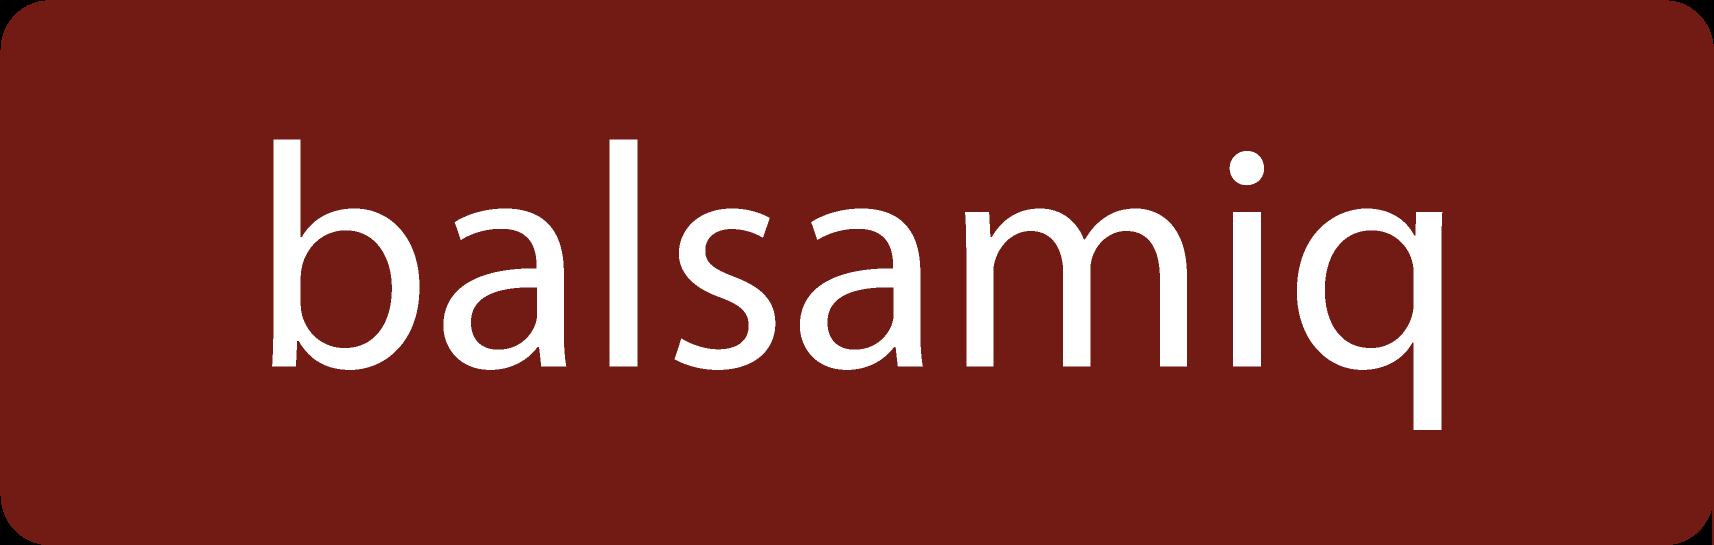 balsamiq_logo